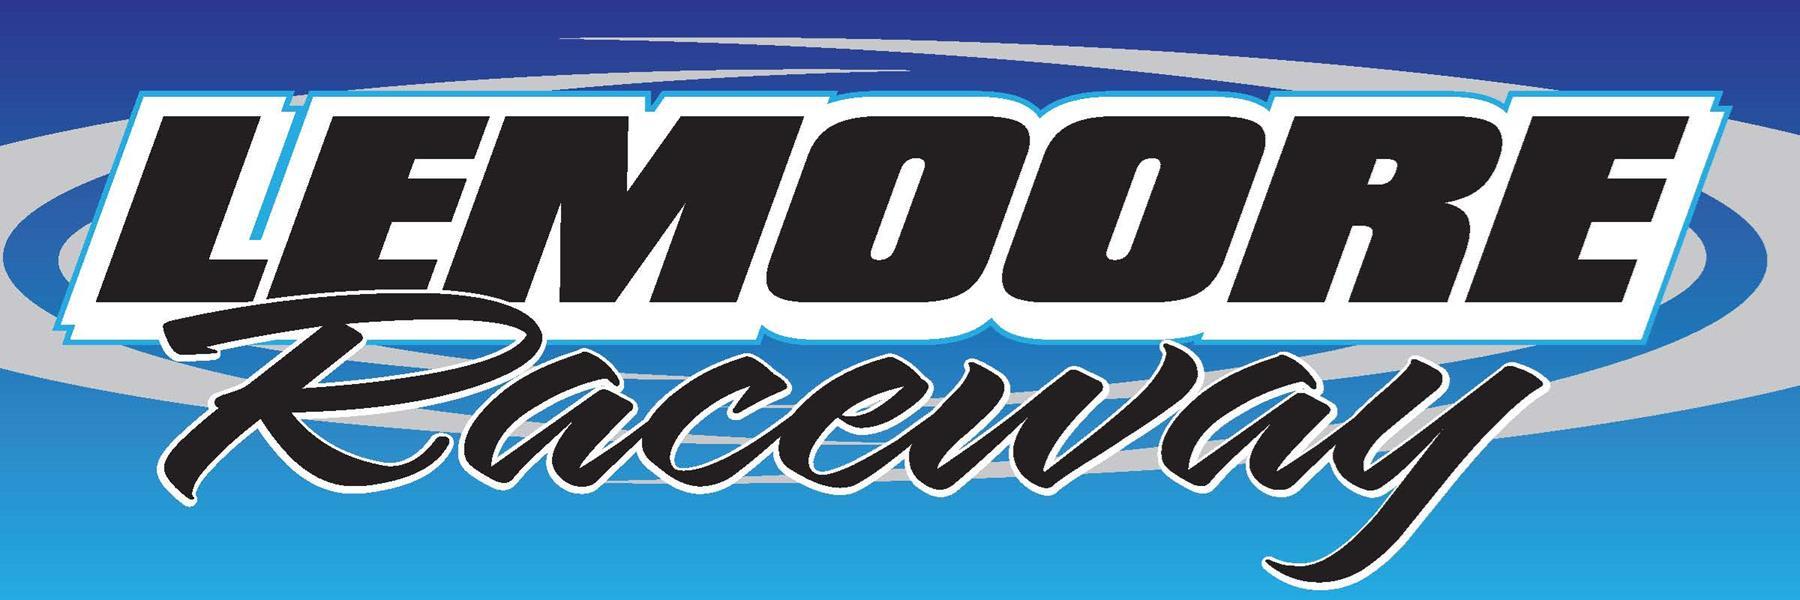 Lemoore Raceway